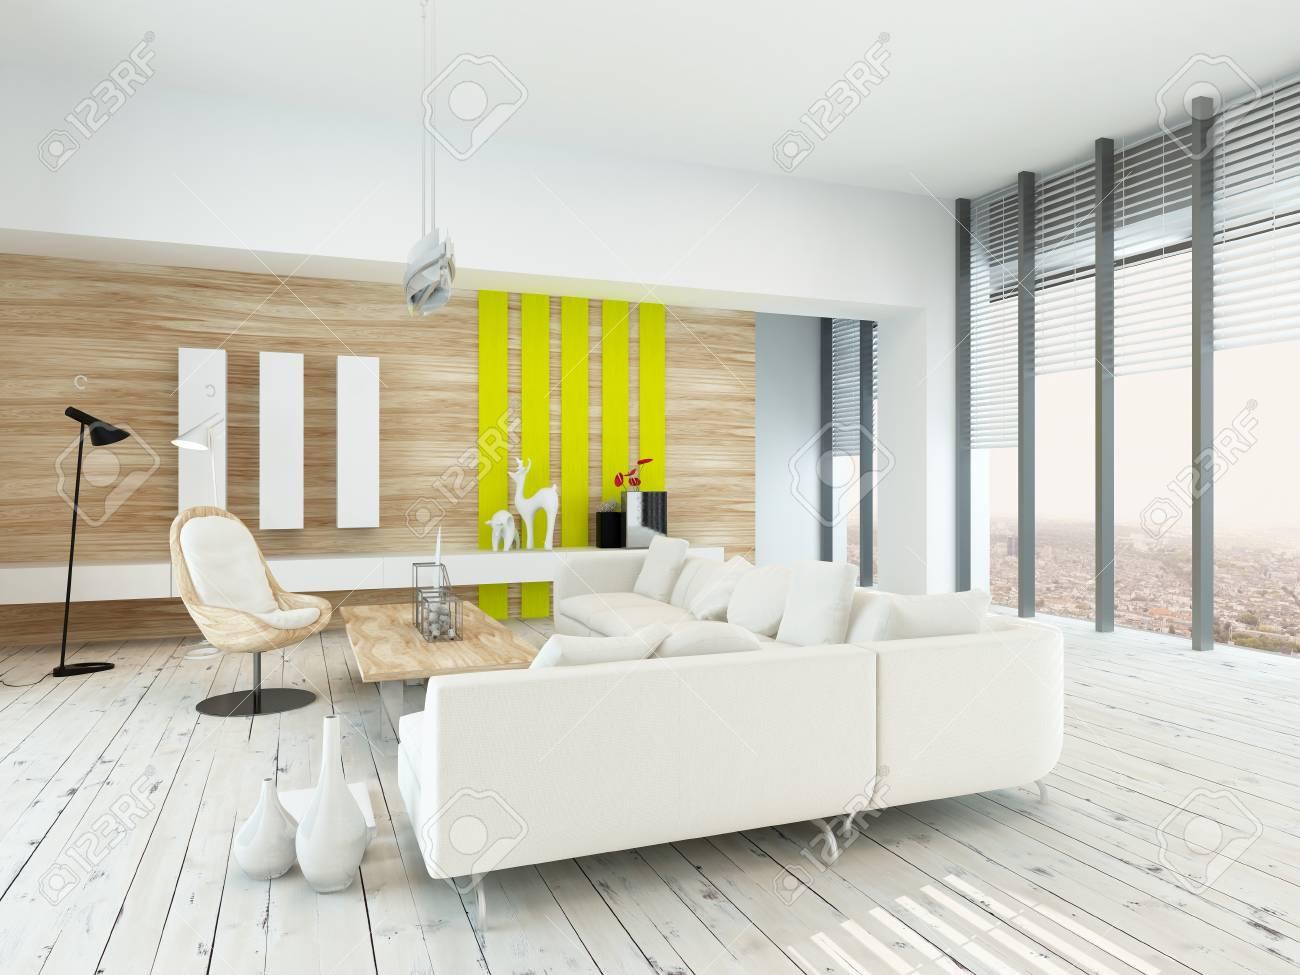 Das Helle, Luftige Wohnzimmer Mit Rustikaler Einrichtung Mit Holz Furniert  Wände, Weiß Lackiert Dielen, Moderne Weiße Sitzgruppe Und Stuhl, Gelben  Akzenten ...